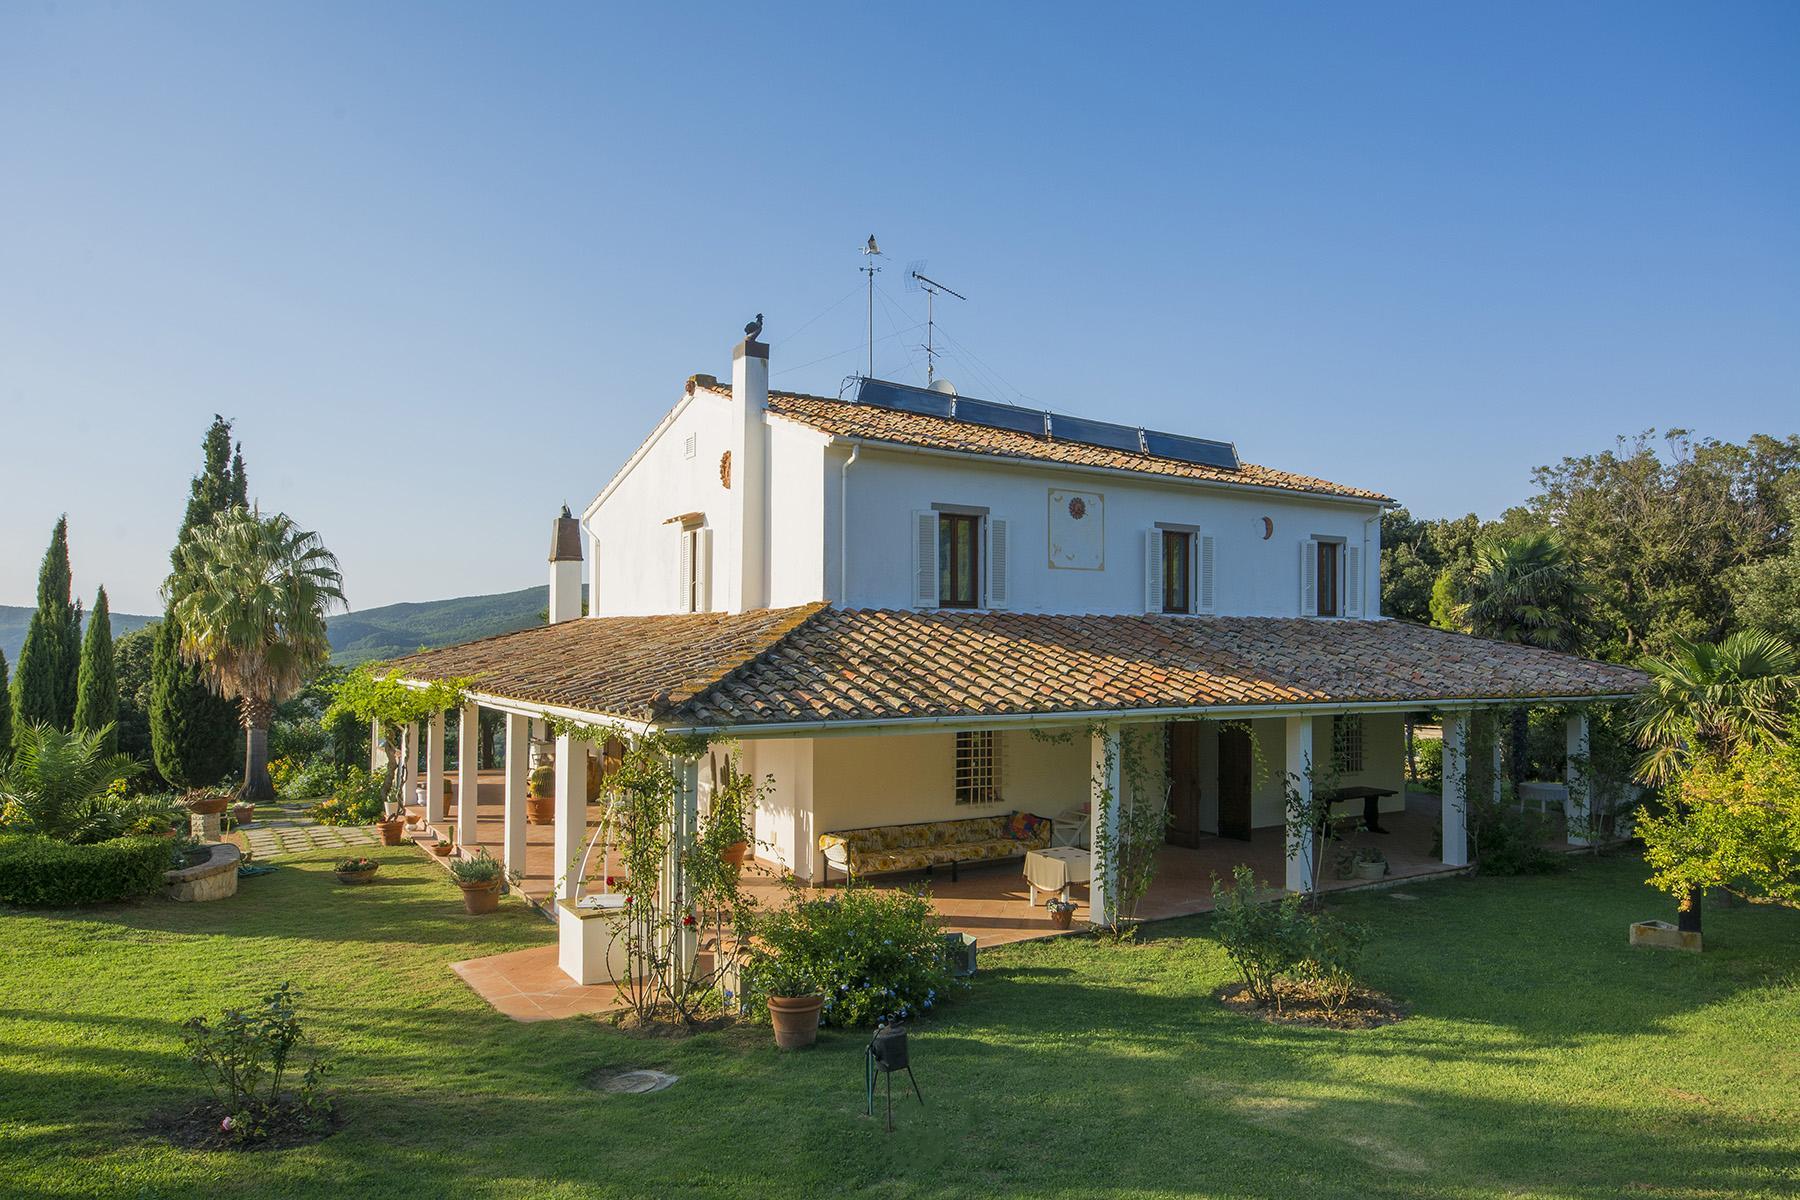 Villa in collina vista mare, nei pressi di Castiglioncello - 3